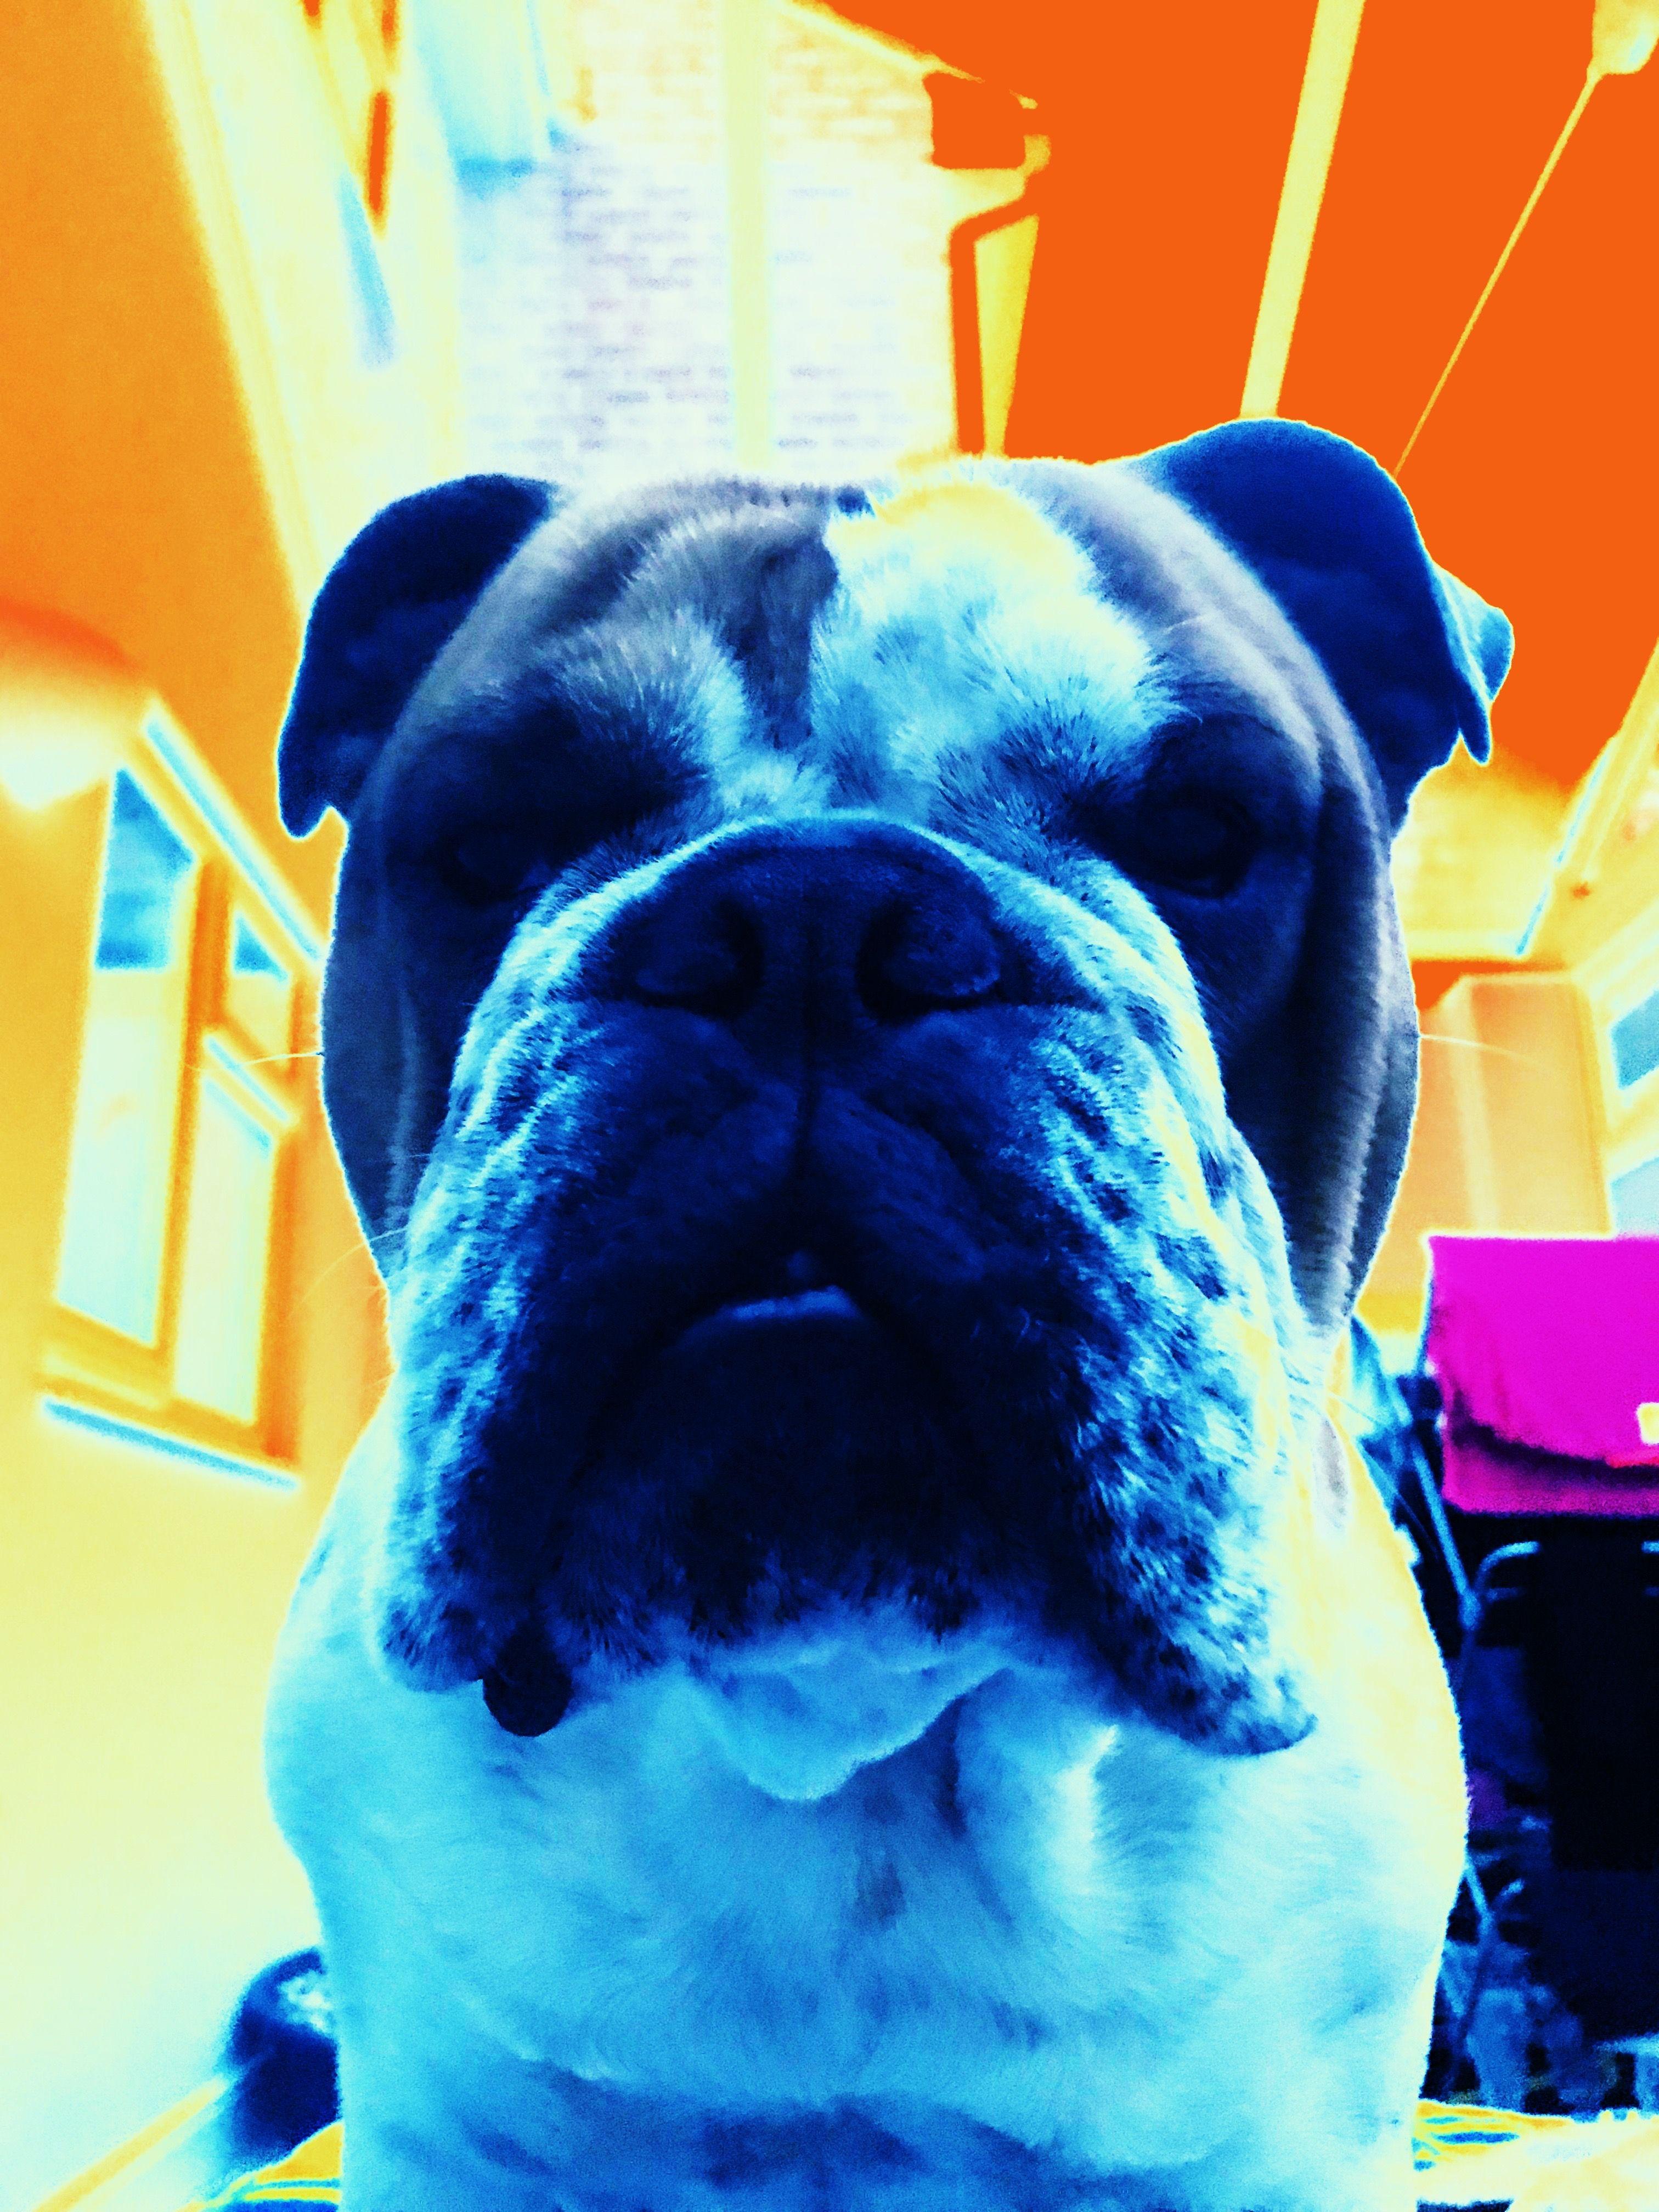 Pin By On Dogs English Bulldog Bulldog French Bulldog